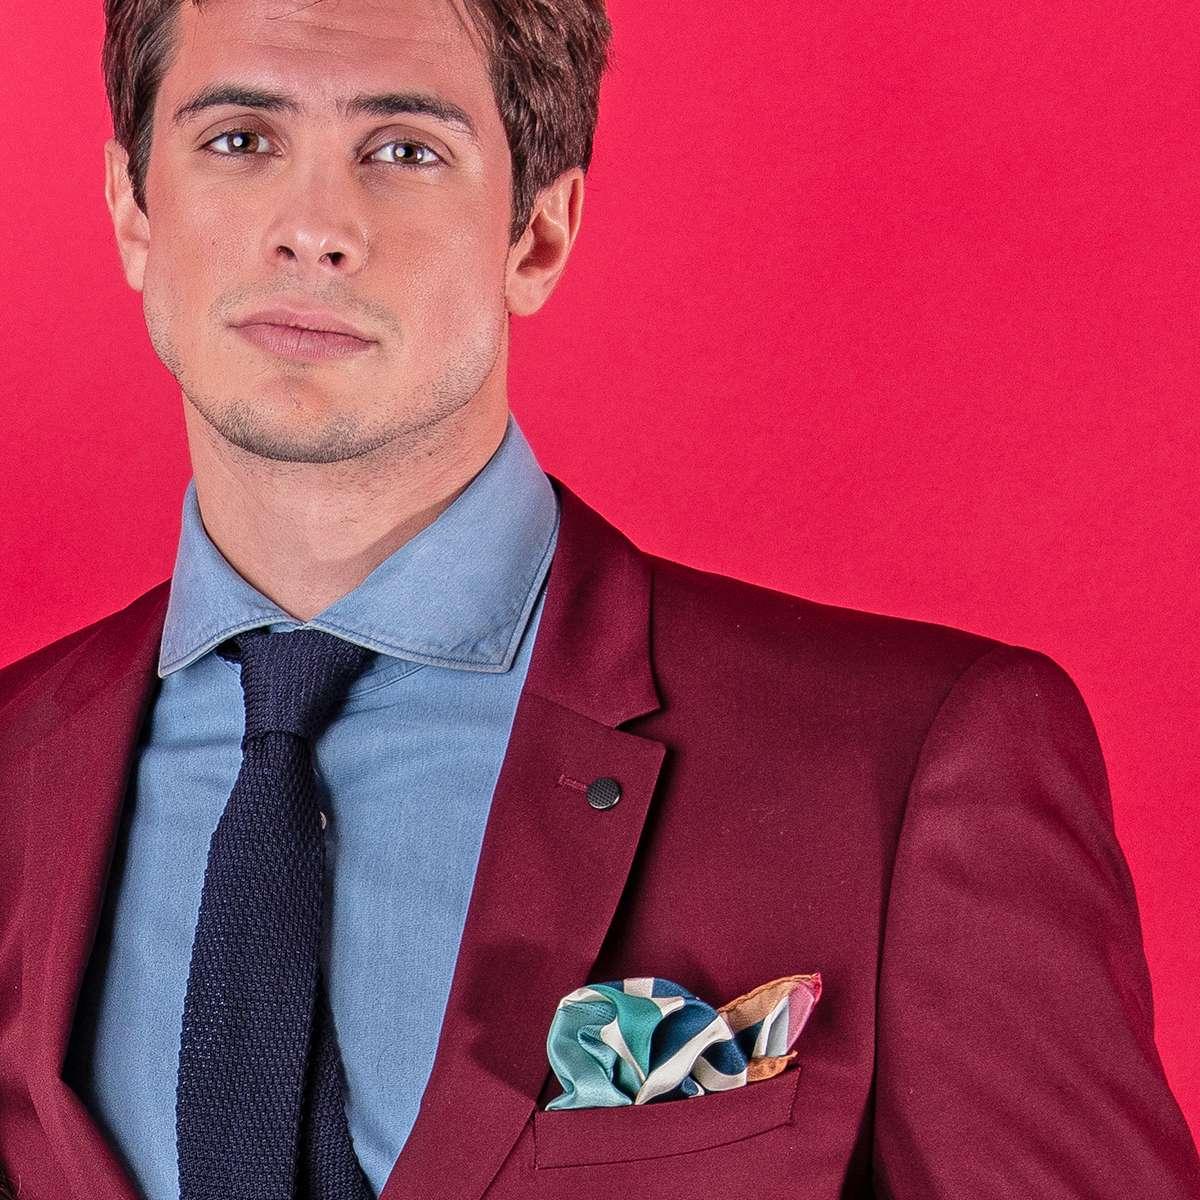 éclatant original à chaud check-out Cravate homme | Conseil mode homme |Pochette Square